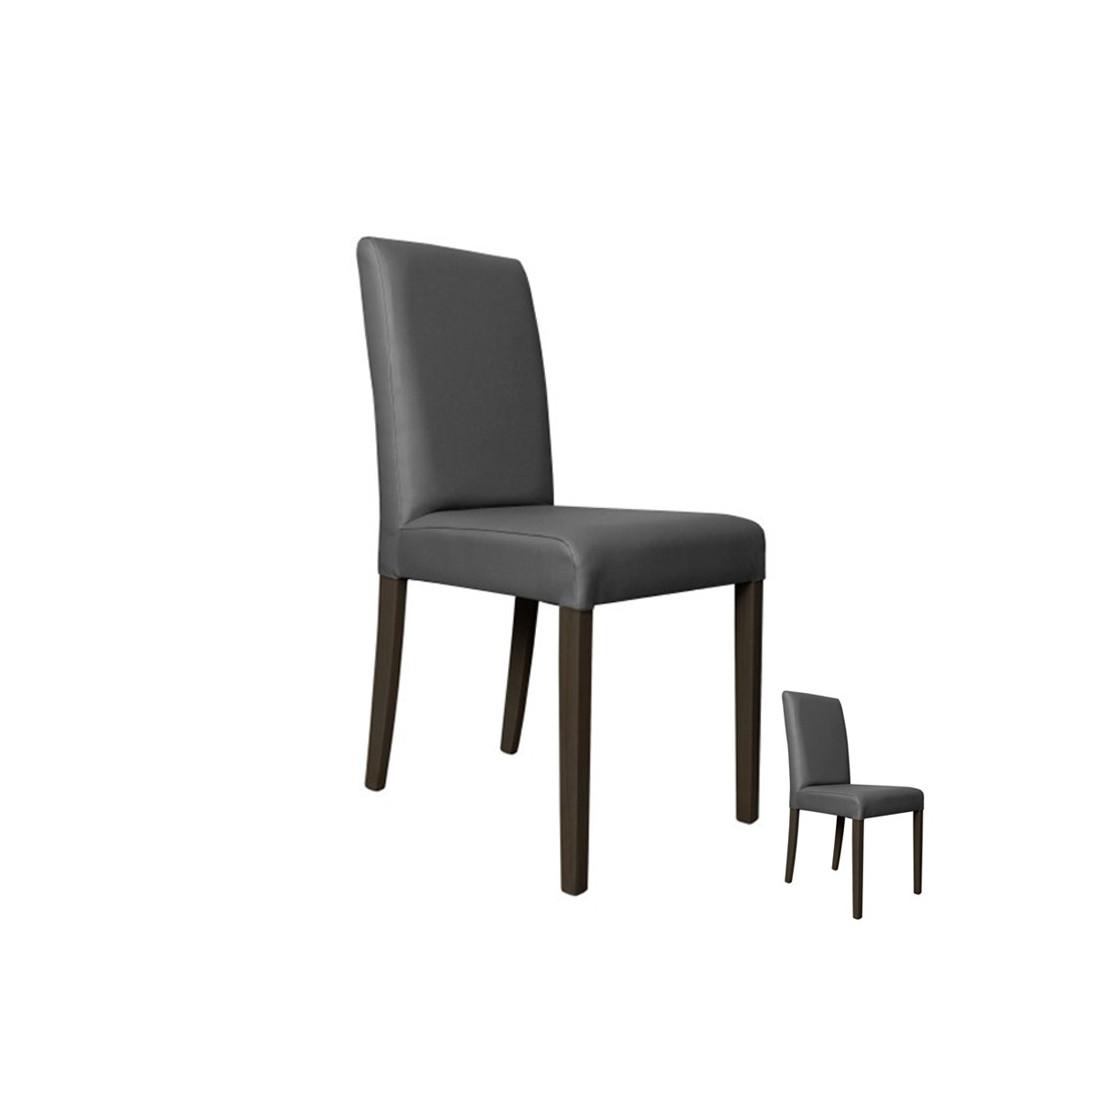 duo de chaises simili cuir gris sonia univers assises tousmesmeubles. Black Bedroom Furniture Sets. Home Design Ideas